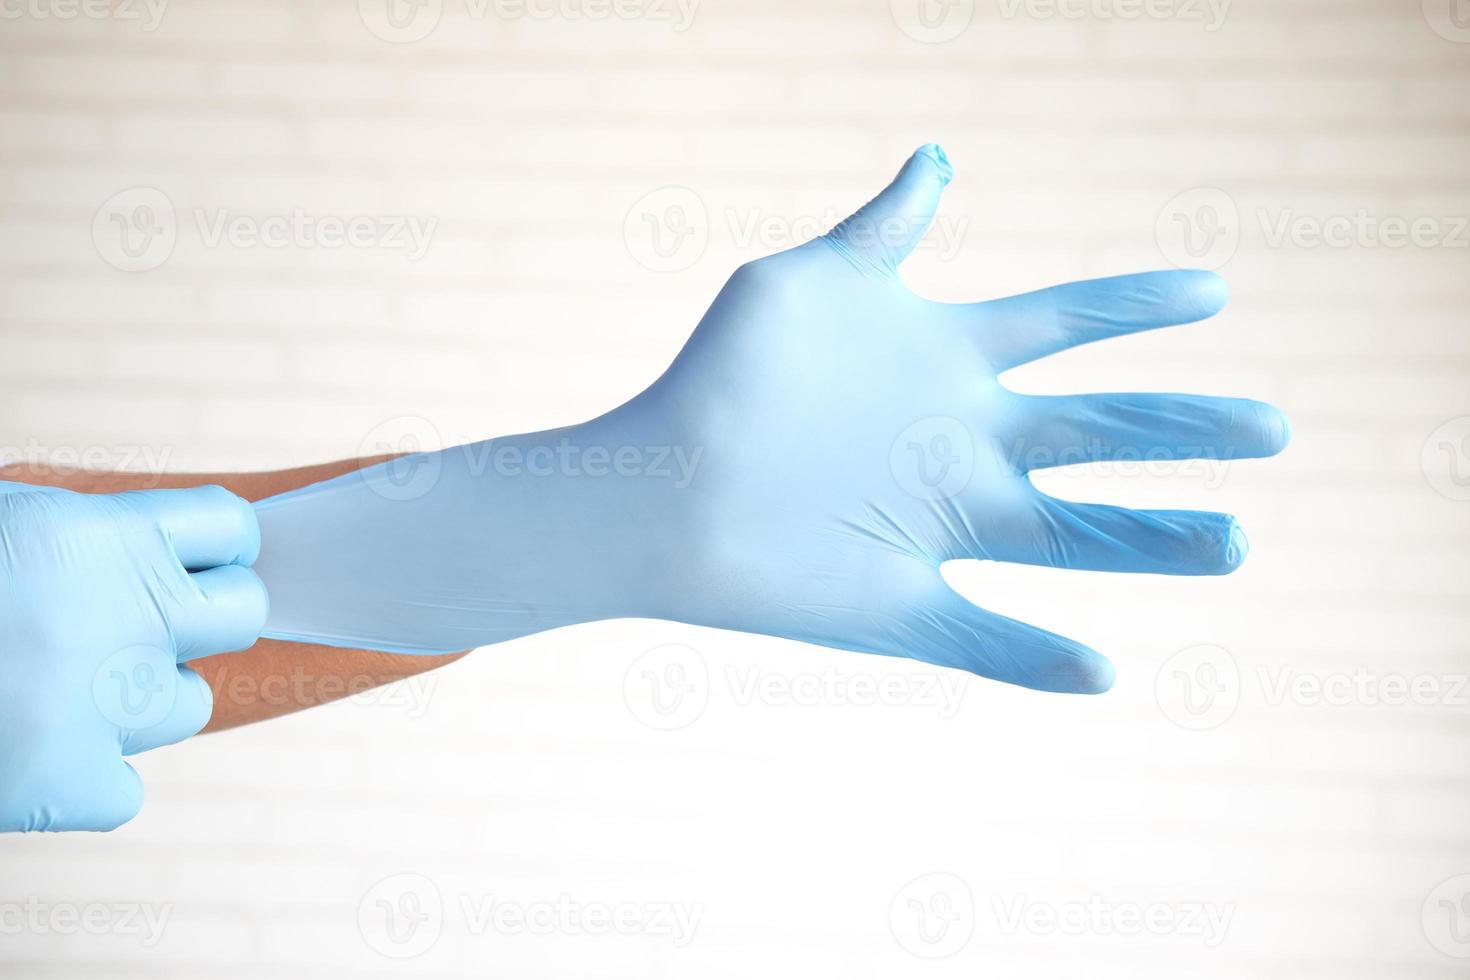 arts draagt medische handschoenen, close-up foto